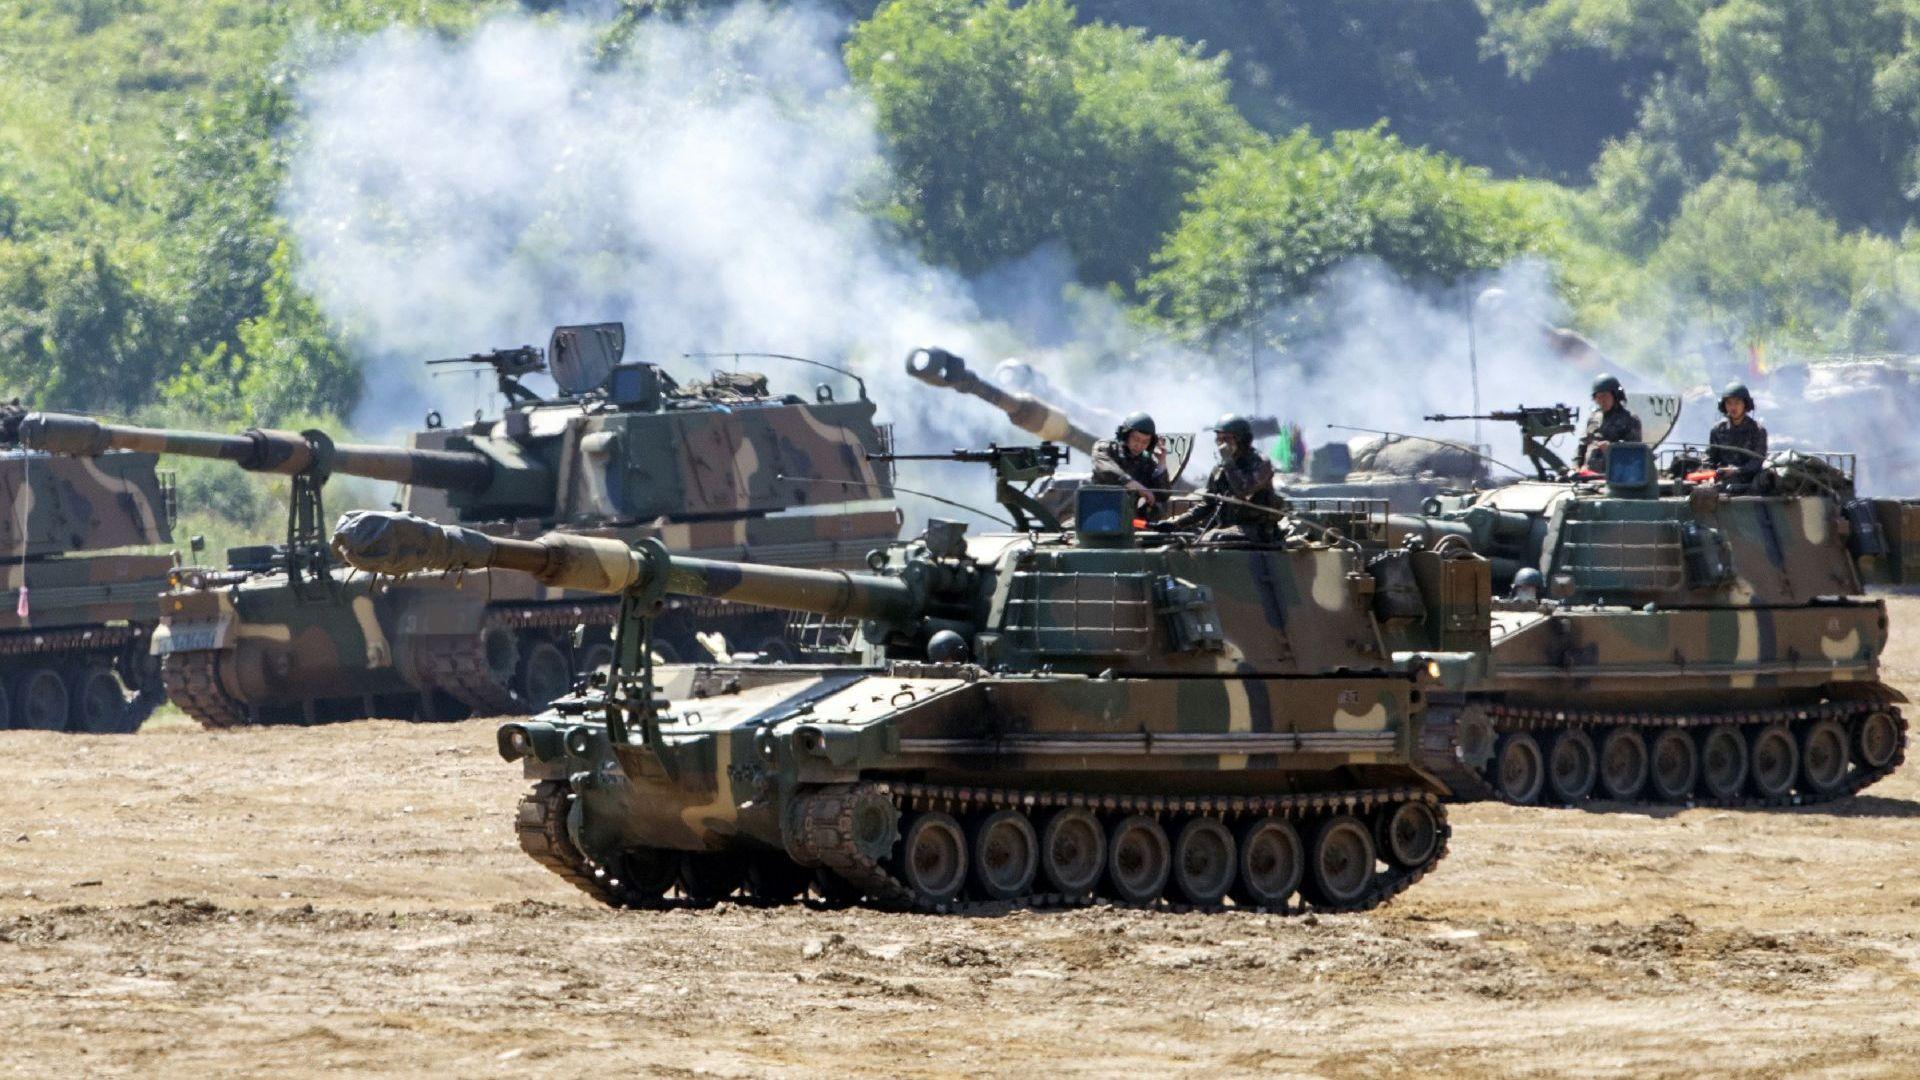 Южнокорейската армия проведе военно учение близо до границата със Северна Корея